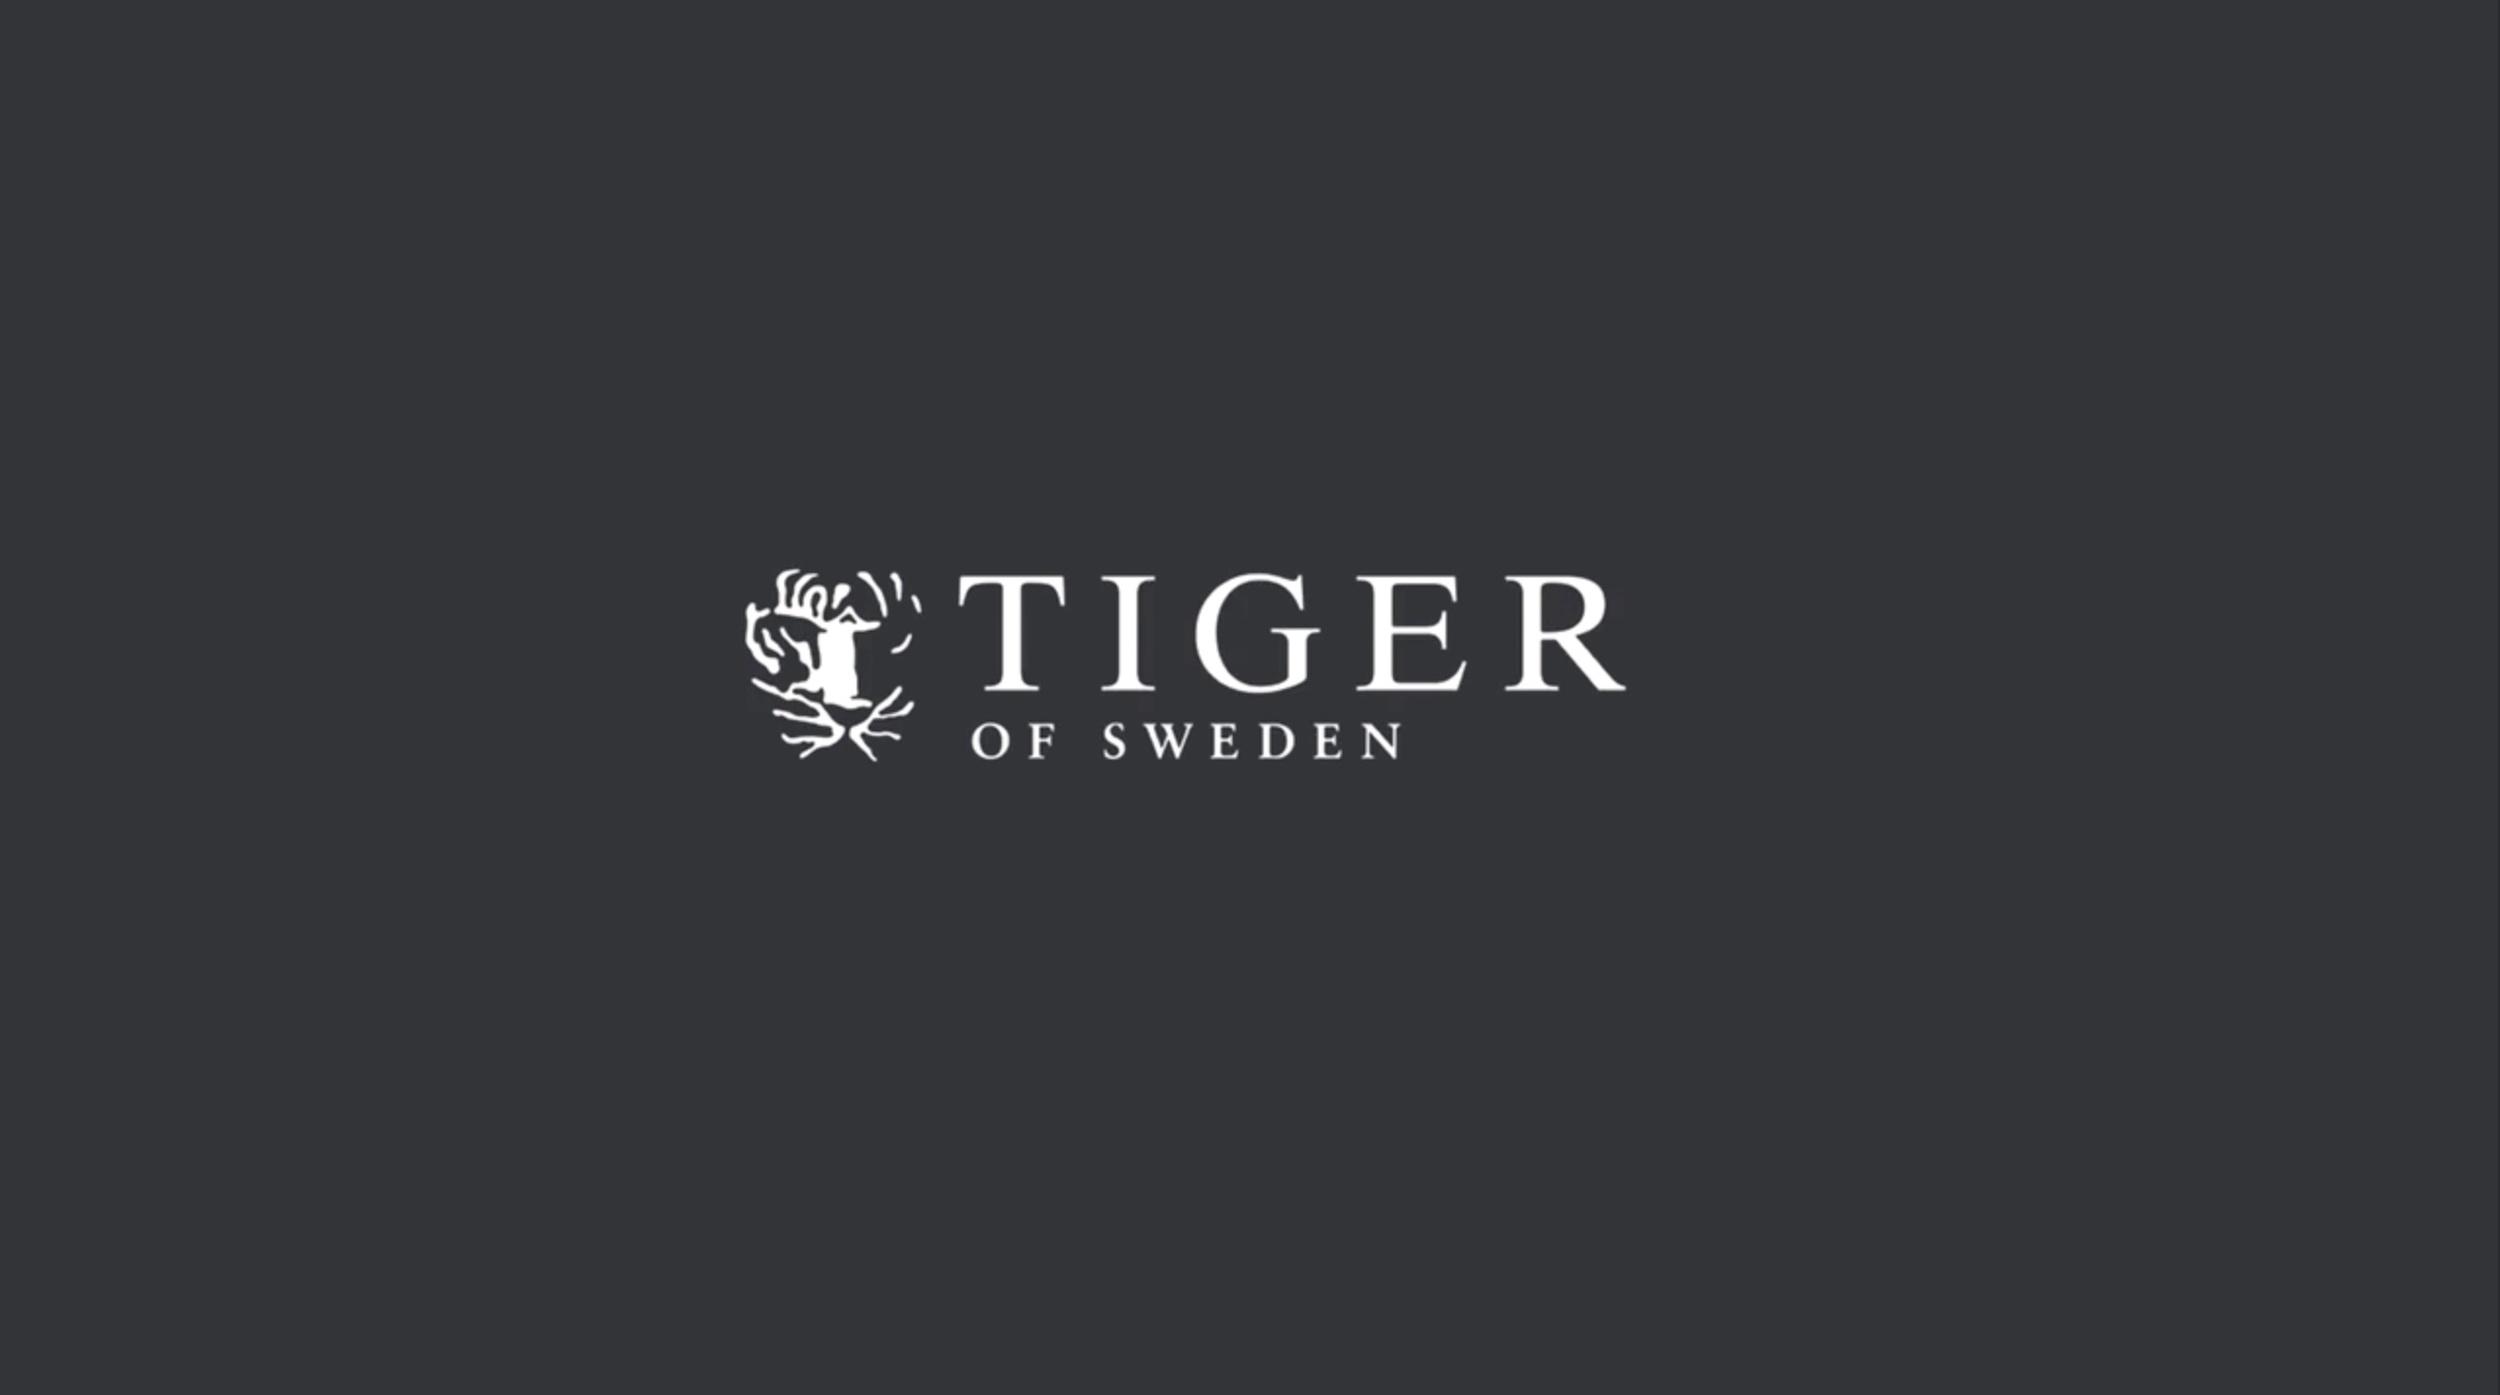 tiger-sweden.jpg